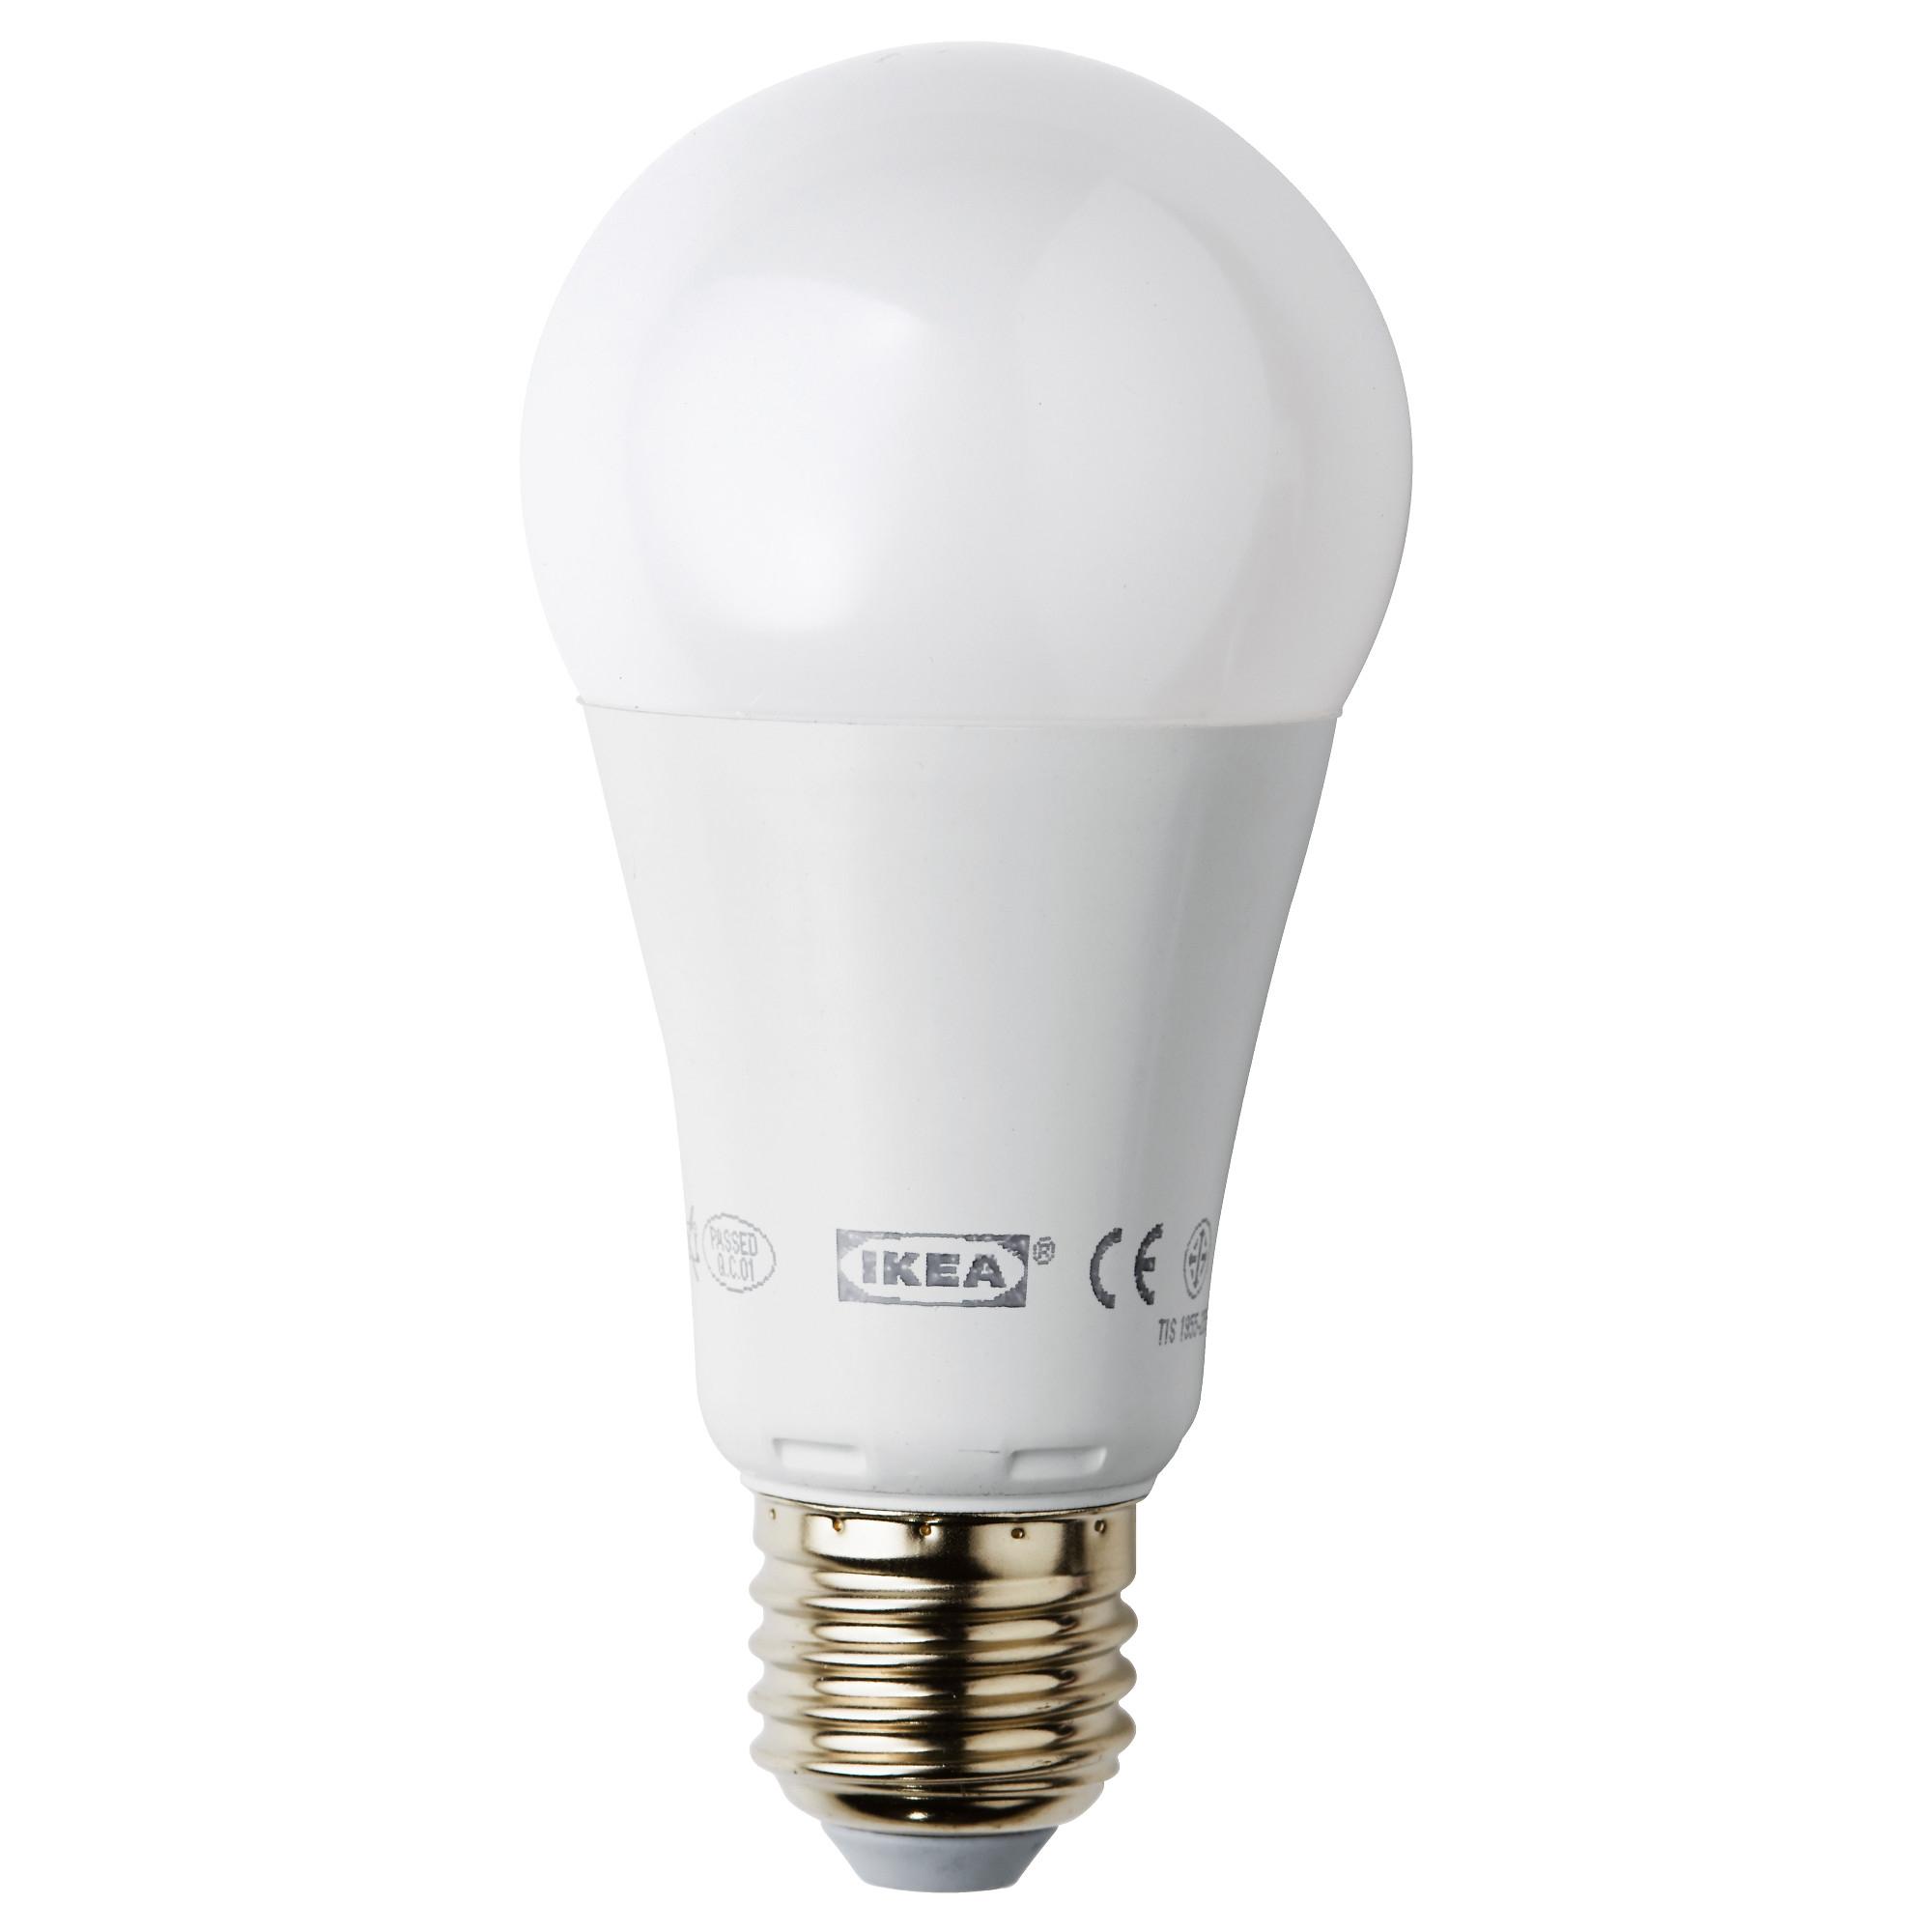 lampadina ikea : Fino al 50% di sconto sulle lampade LED Philips. Assicurati sconti ...